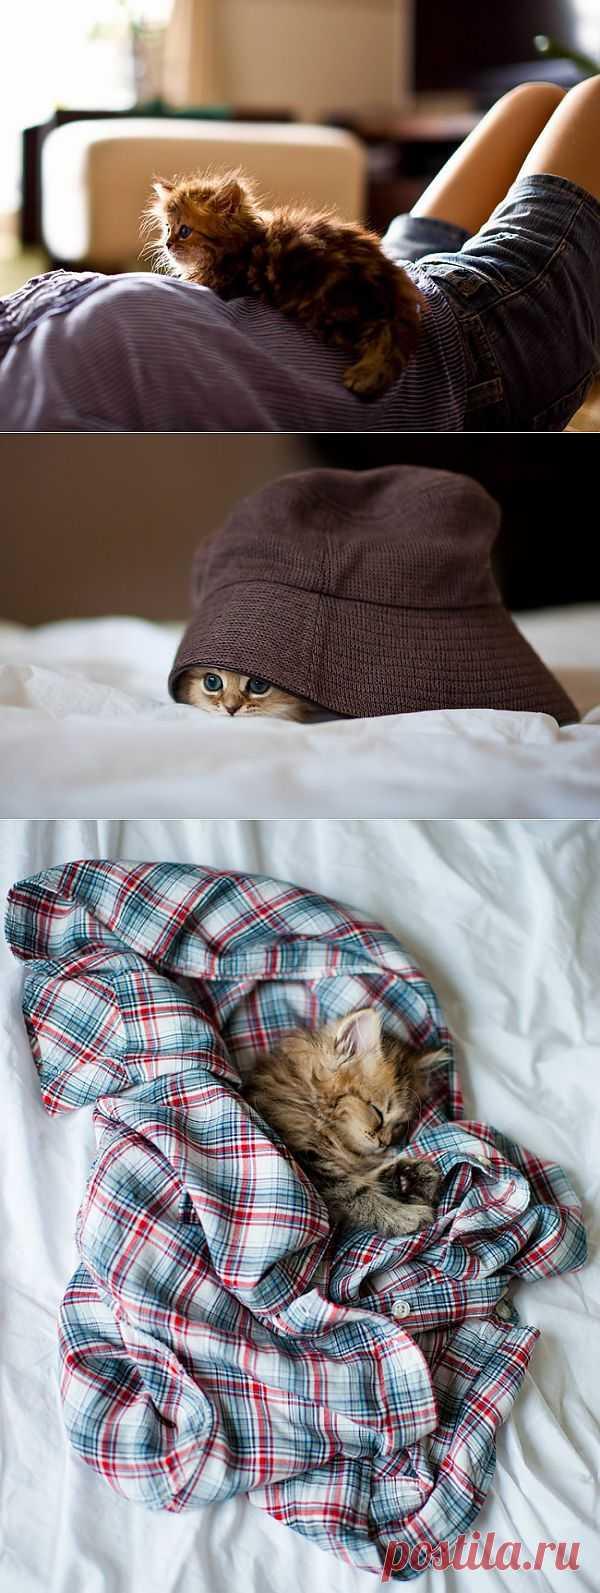 Котёнок-очаровашка (смотреть фото)